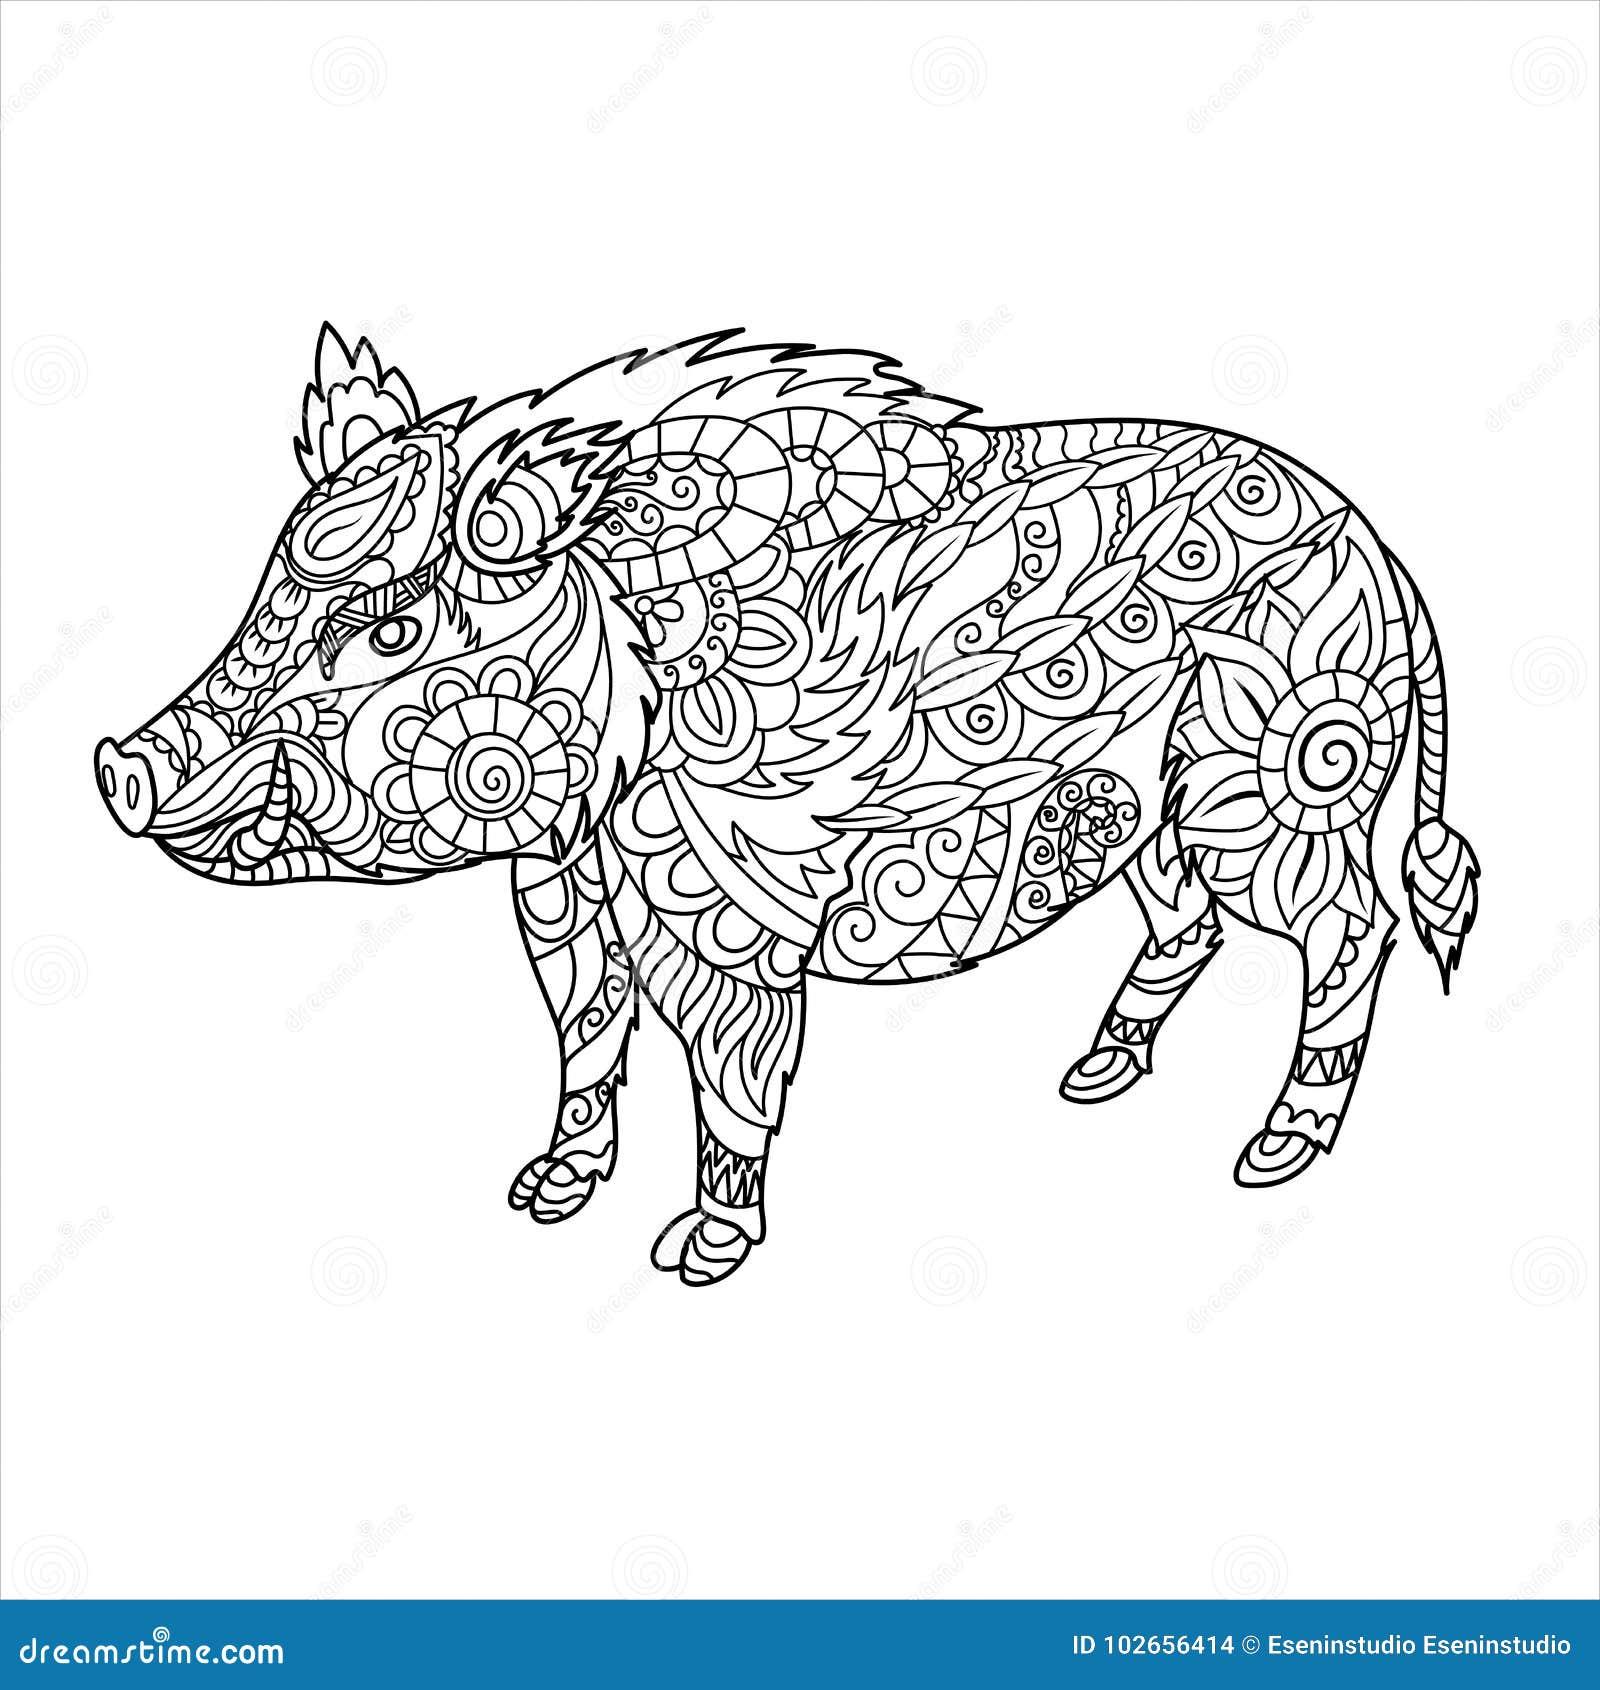 Coloriage Adulte Foret.Livre De Coloriage De Sanglier Animal De Foret Dans Le Style